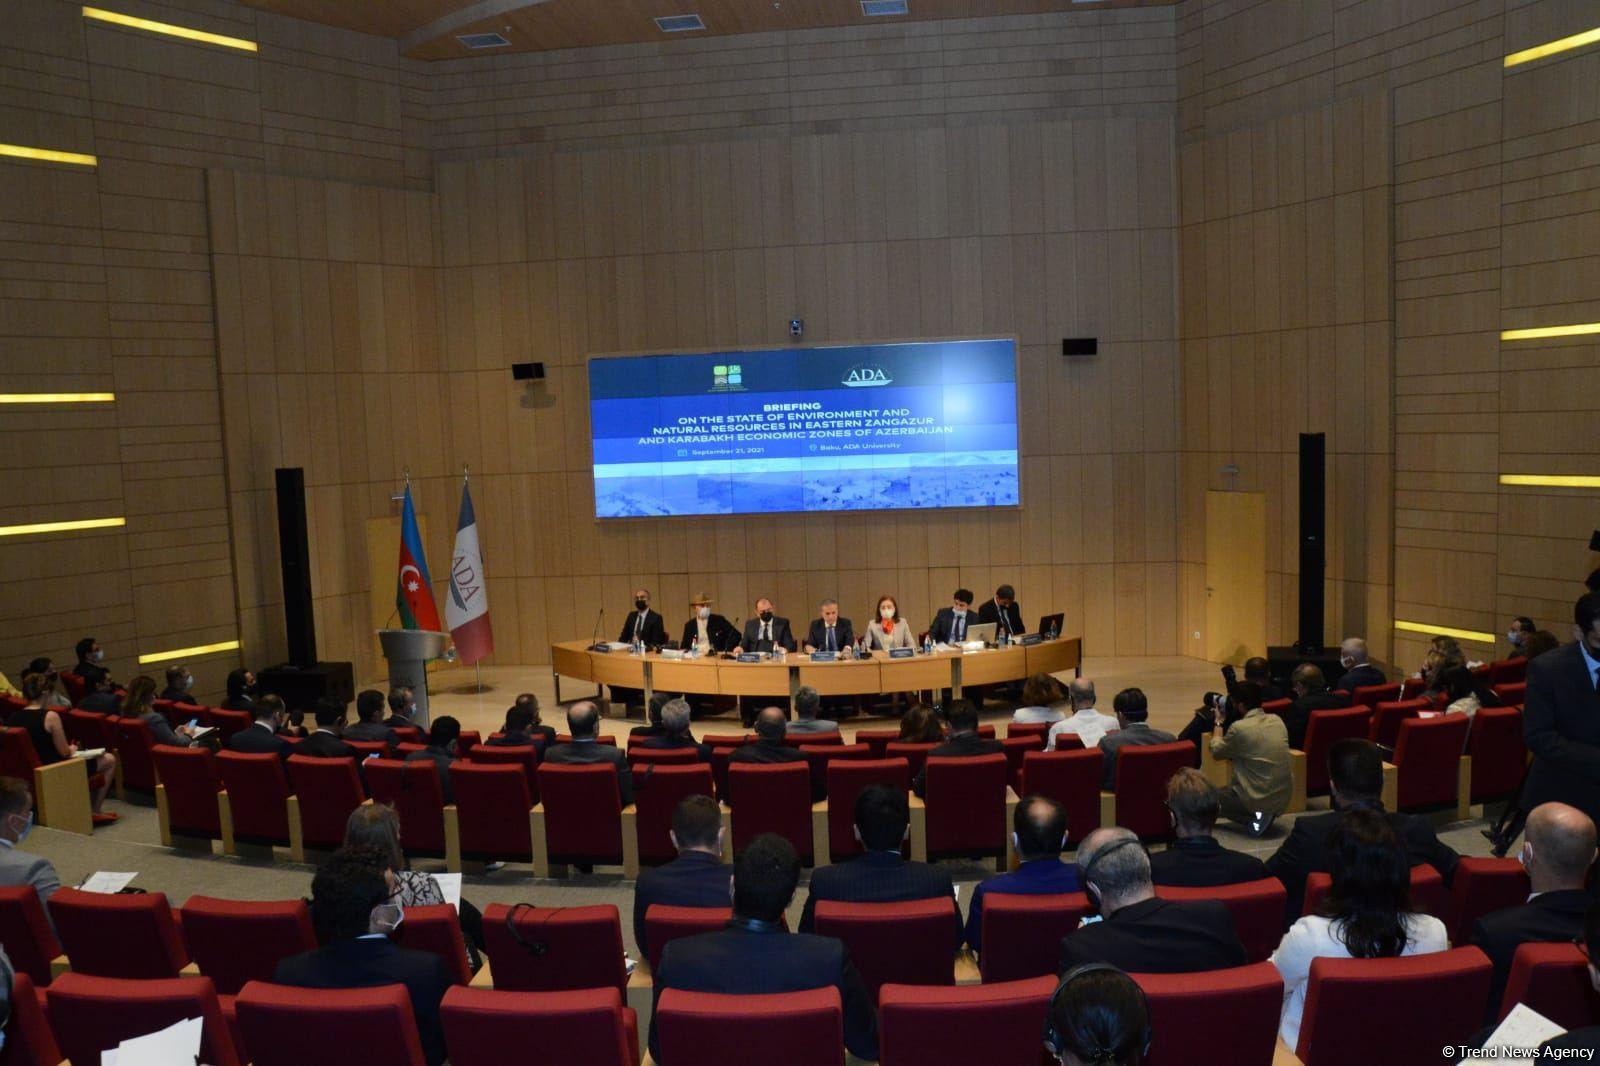 ETSN və ADA Universitetinin birgə təşkilatçılığı ilə brifinq keçirilib (FOTO) - Gallery Image